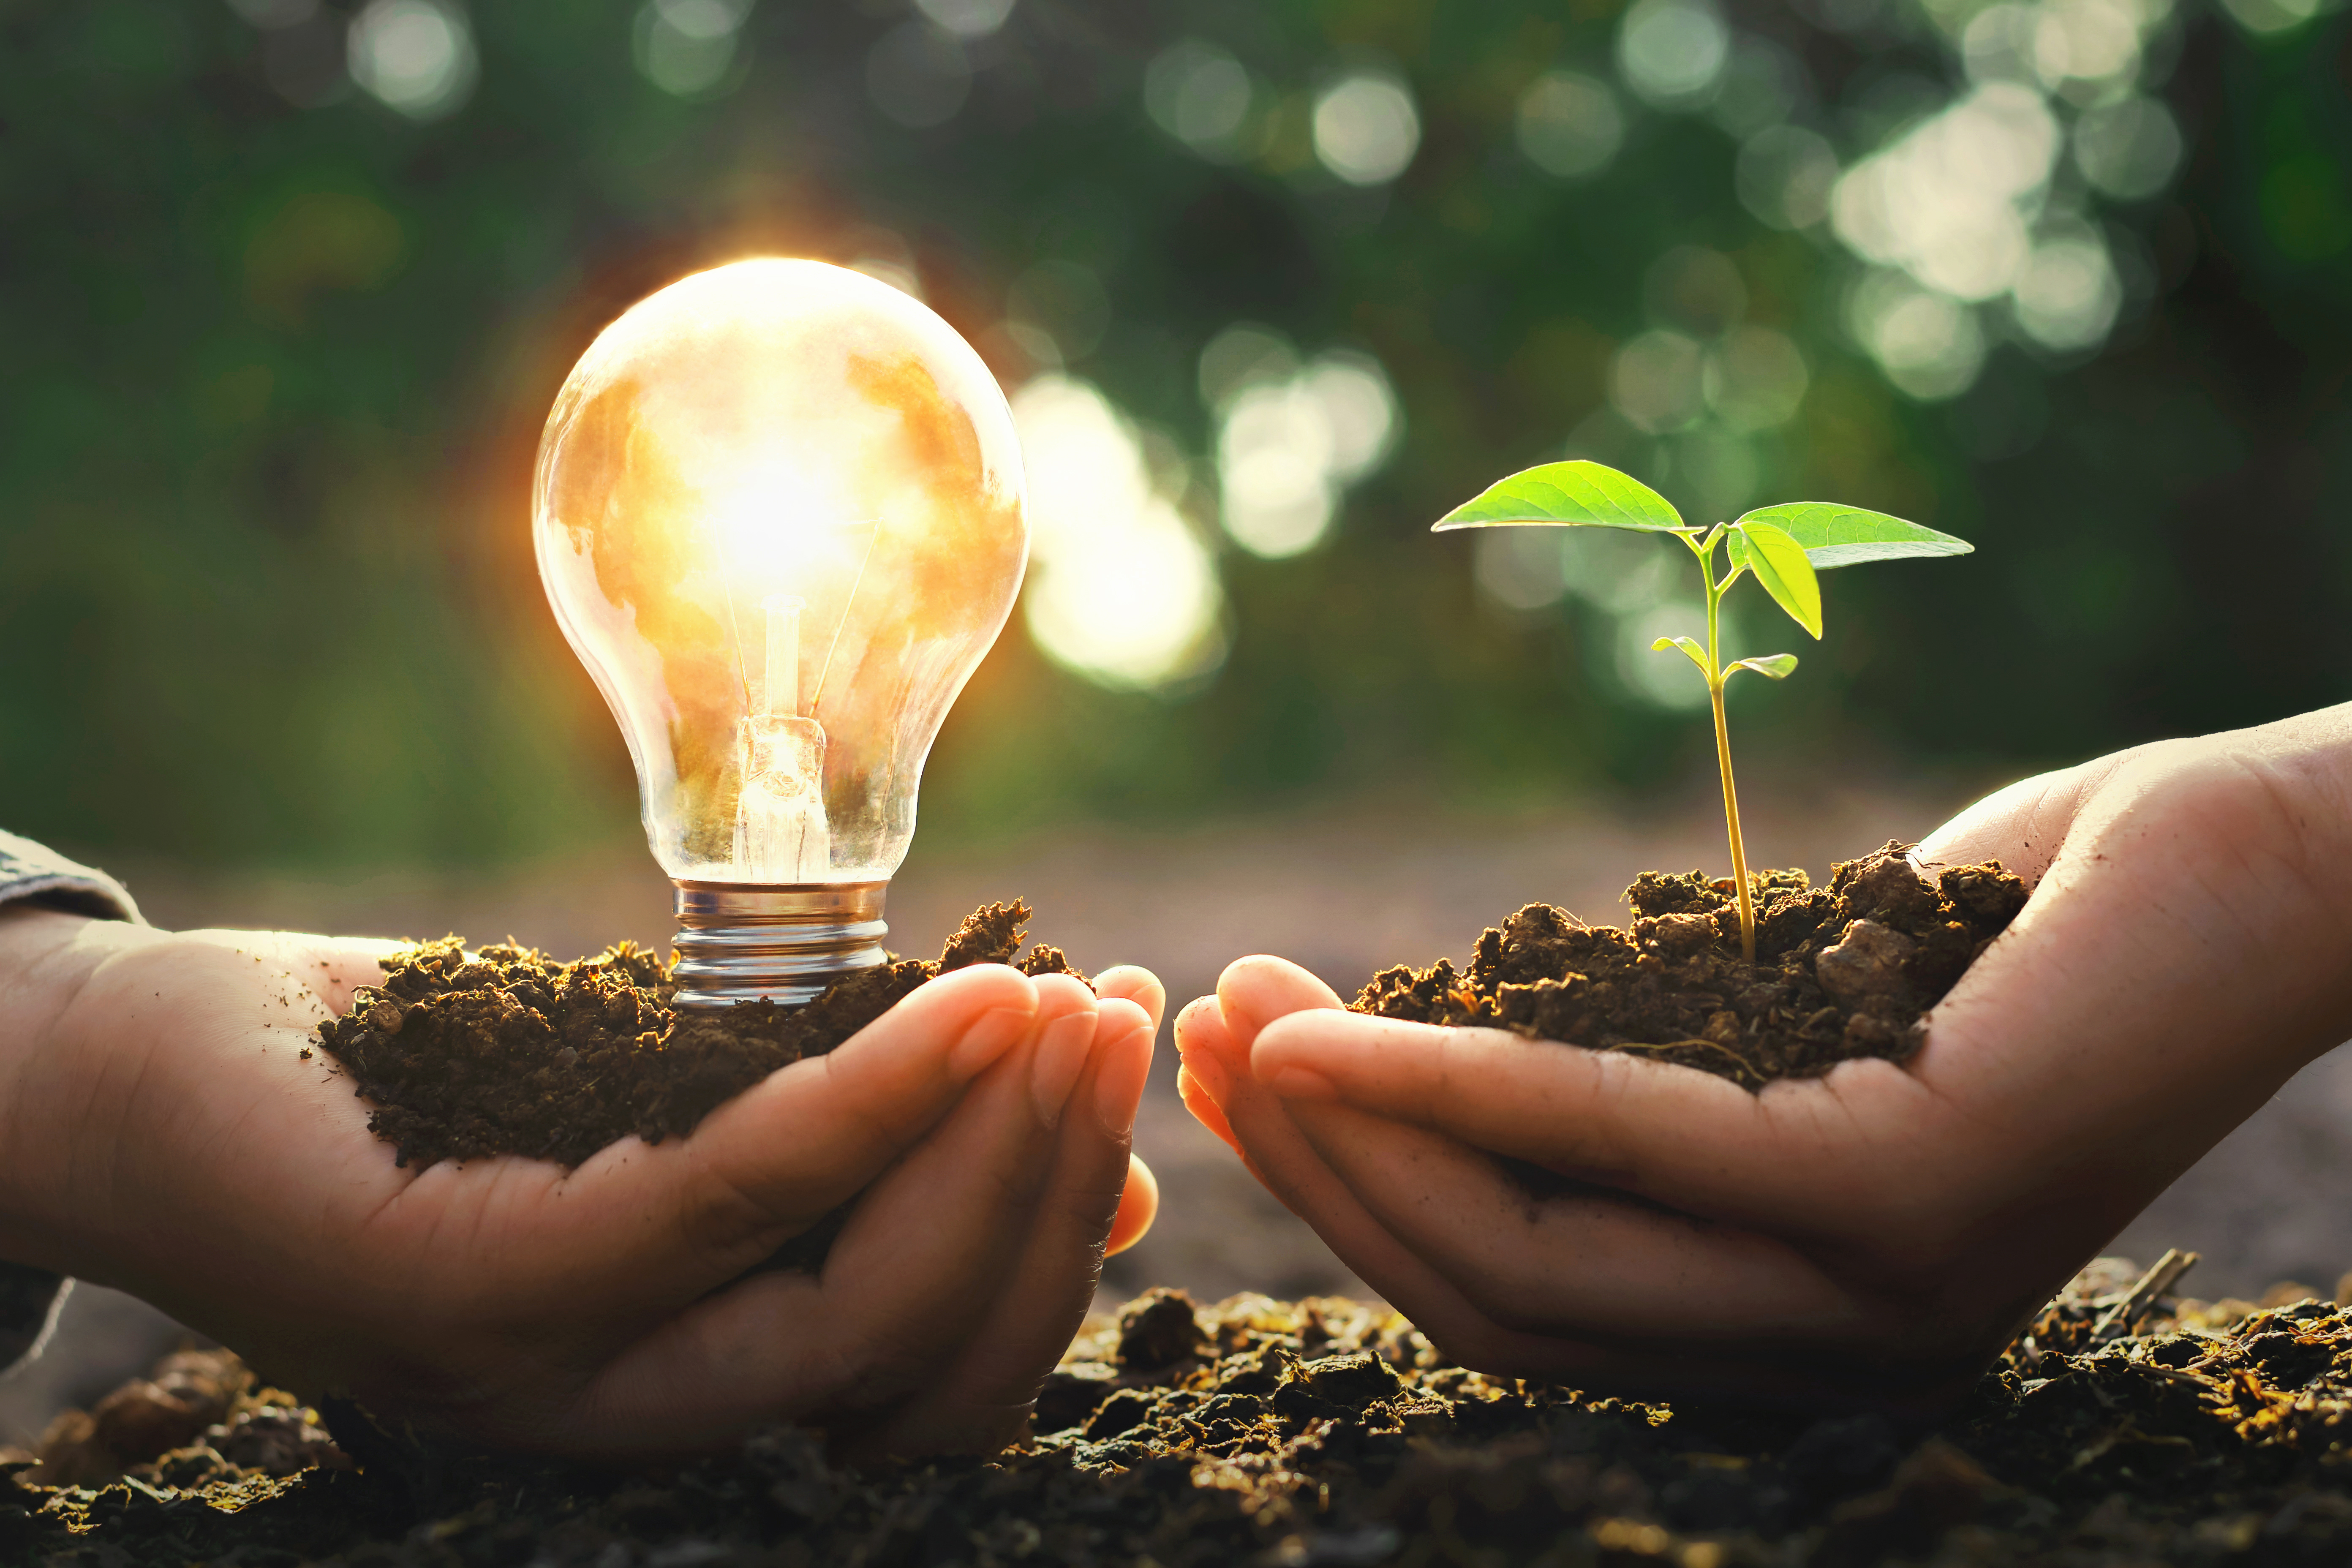 Glühbrine auf Erde in Hands vs. Pflanze in Hand erneuerbare Energien